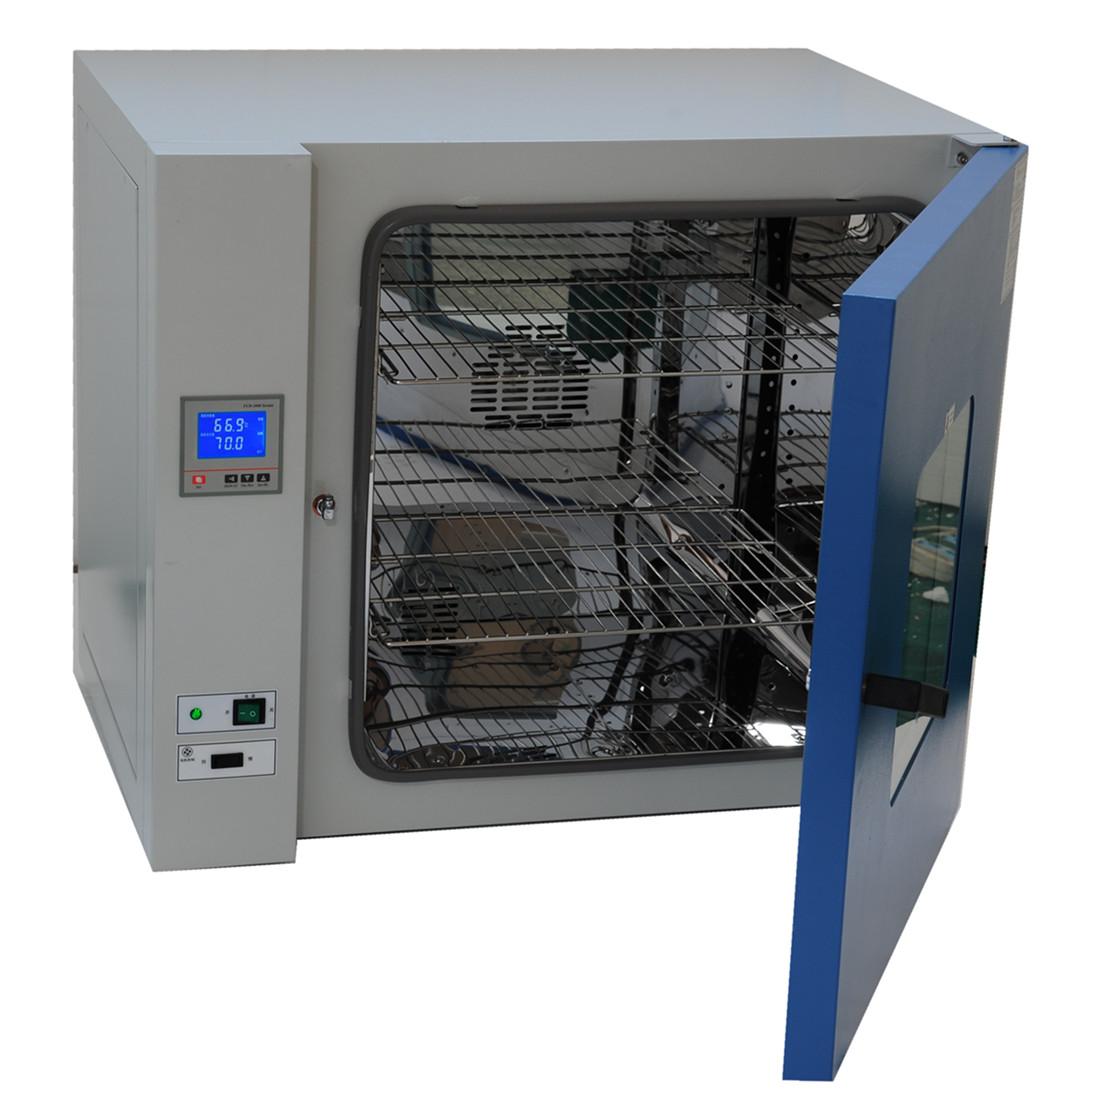 蘇州劃算的電熱鼓風干燥箱|上海廠家批發鼓風干燥箱